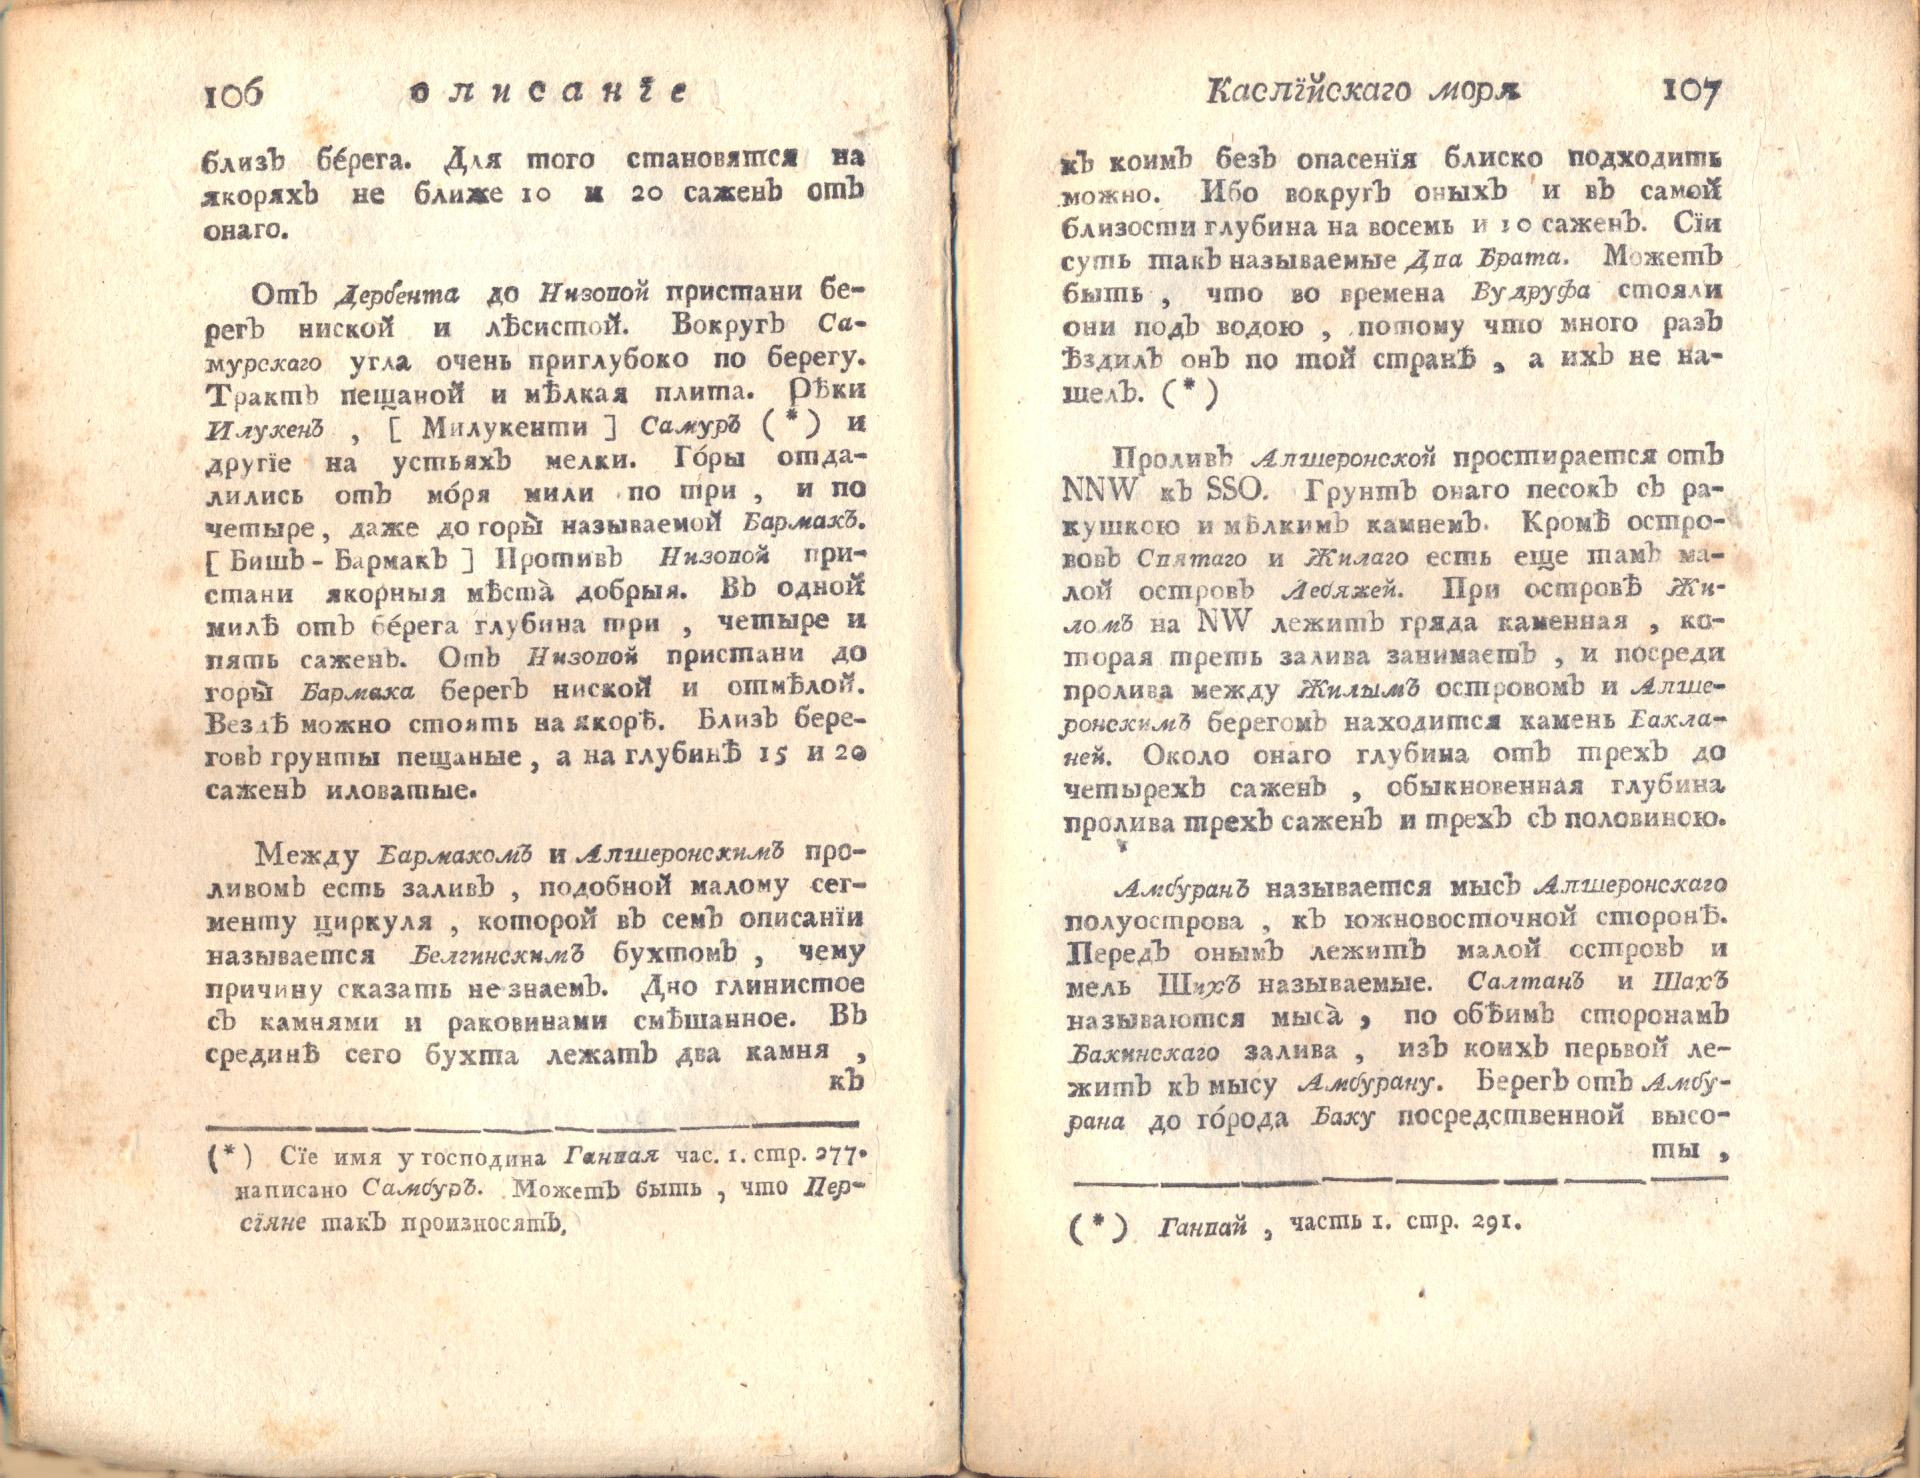 Каспийское море 106.jpg